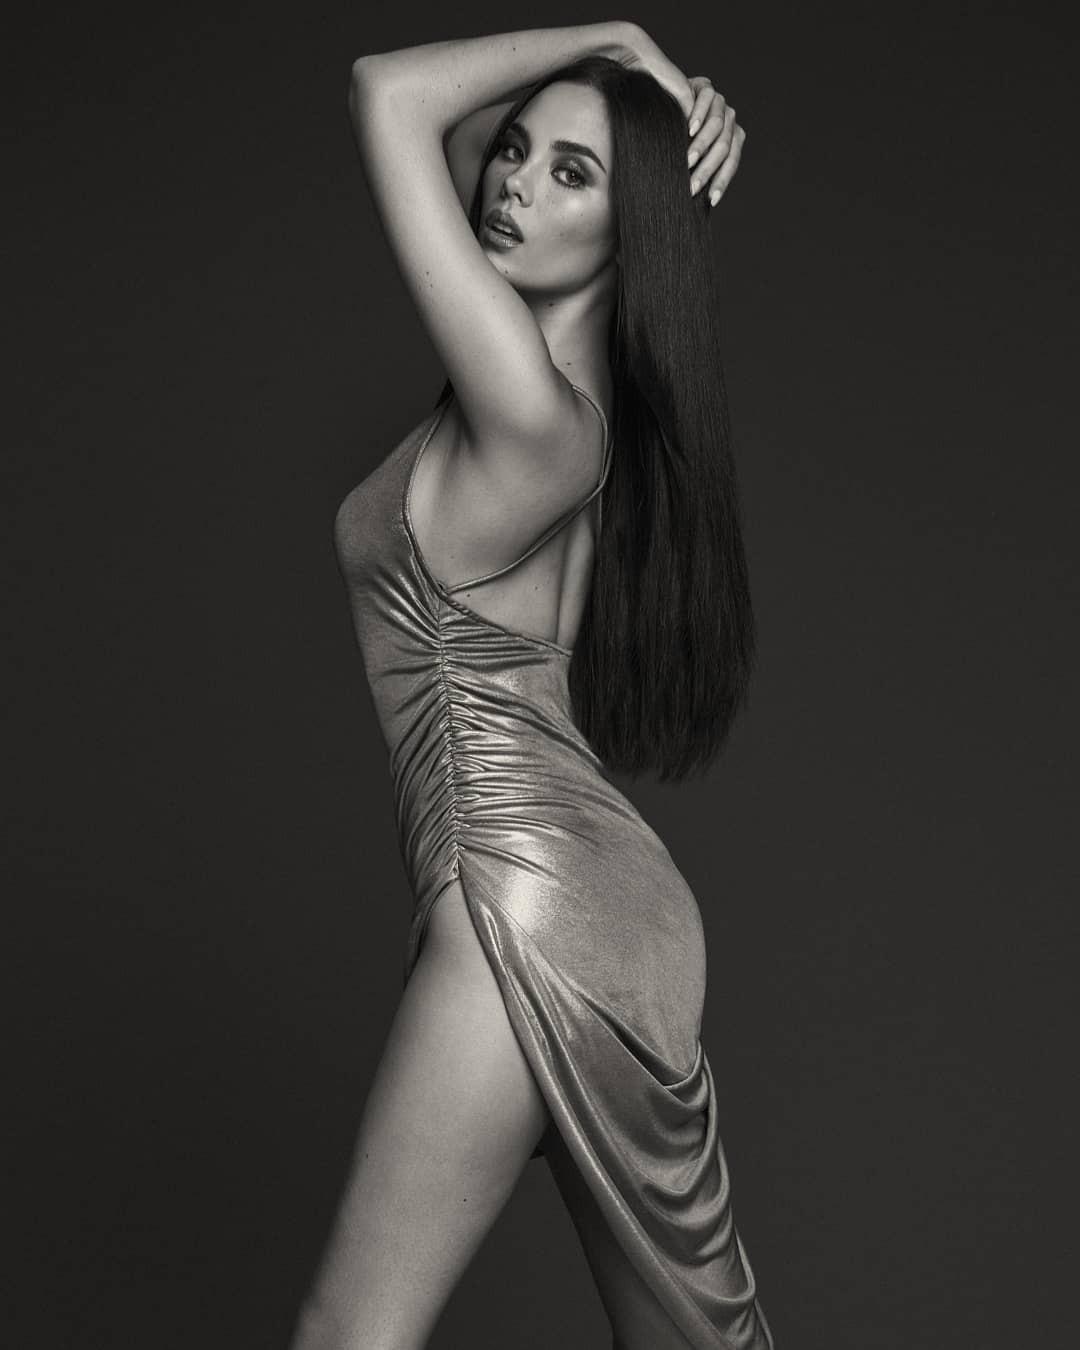 Nhan sắc lai đẹp rực rỡ của Tân Hoa hậu Hoàn vũ 2018 và loạt thành tích khủng trên hành trình đoạt vương miện thứ 3! - Ảnh 23.